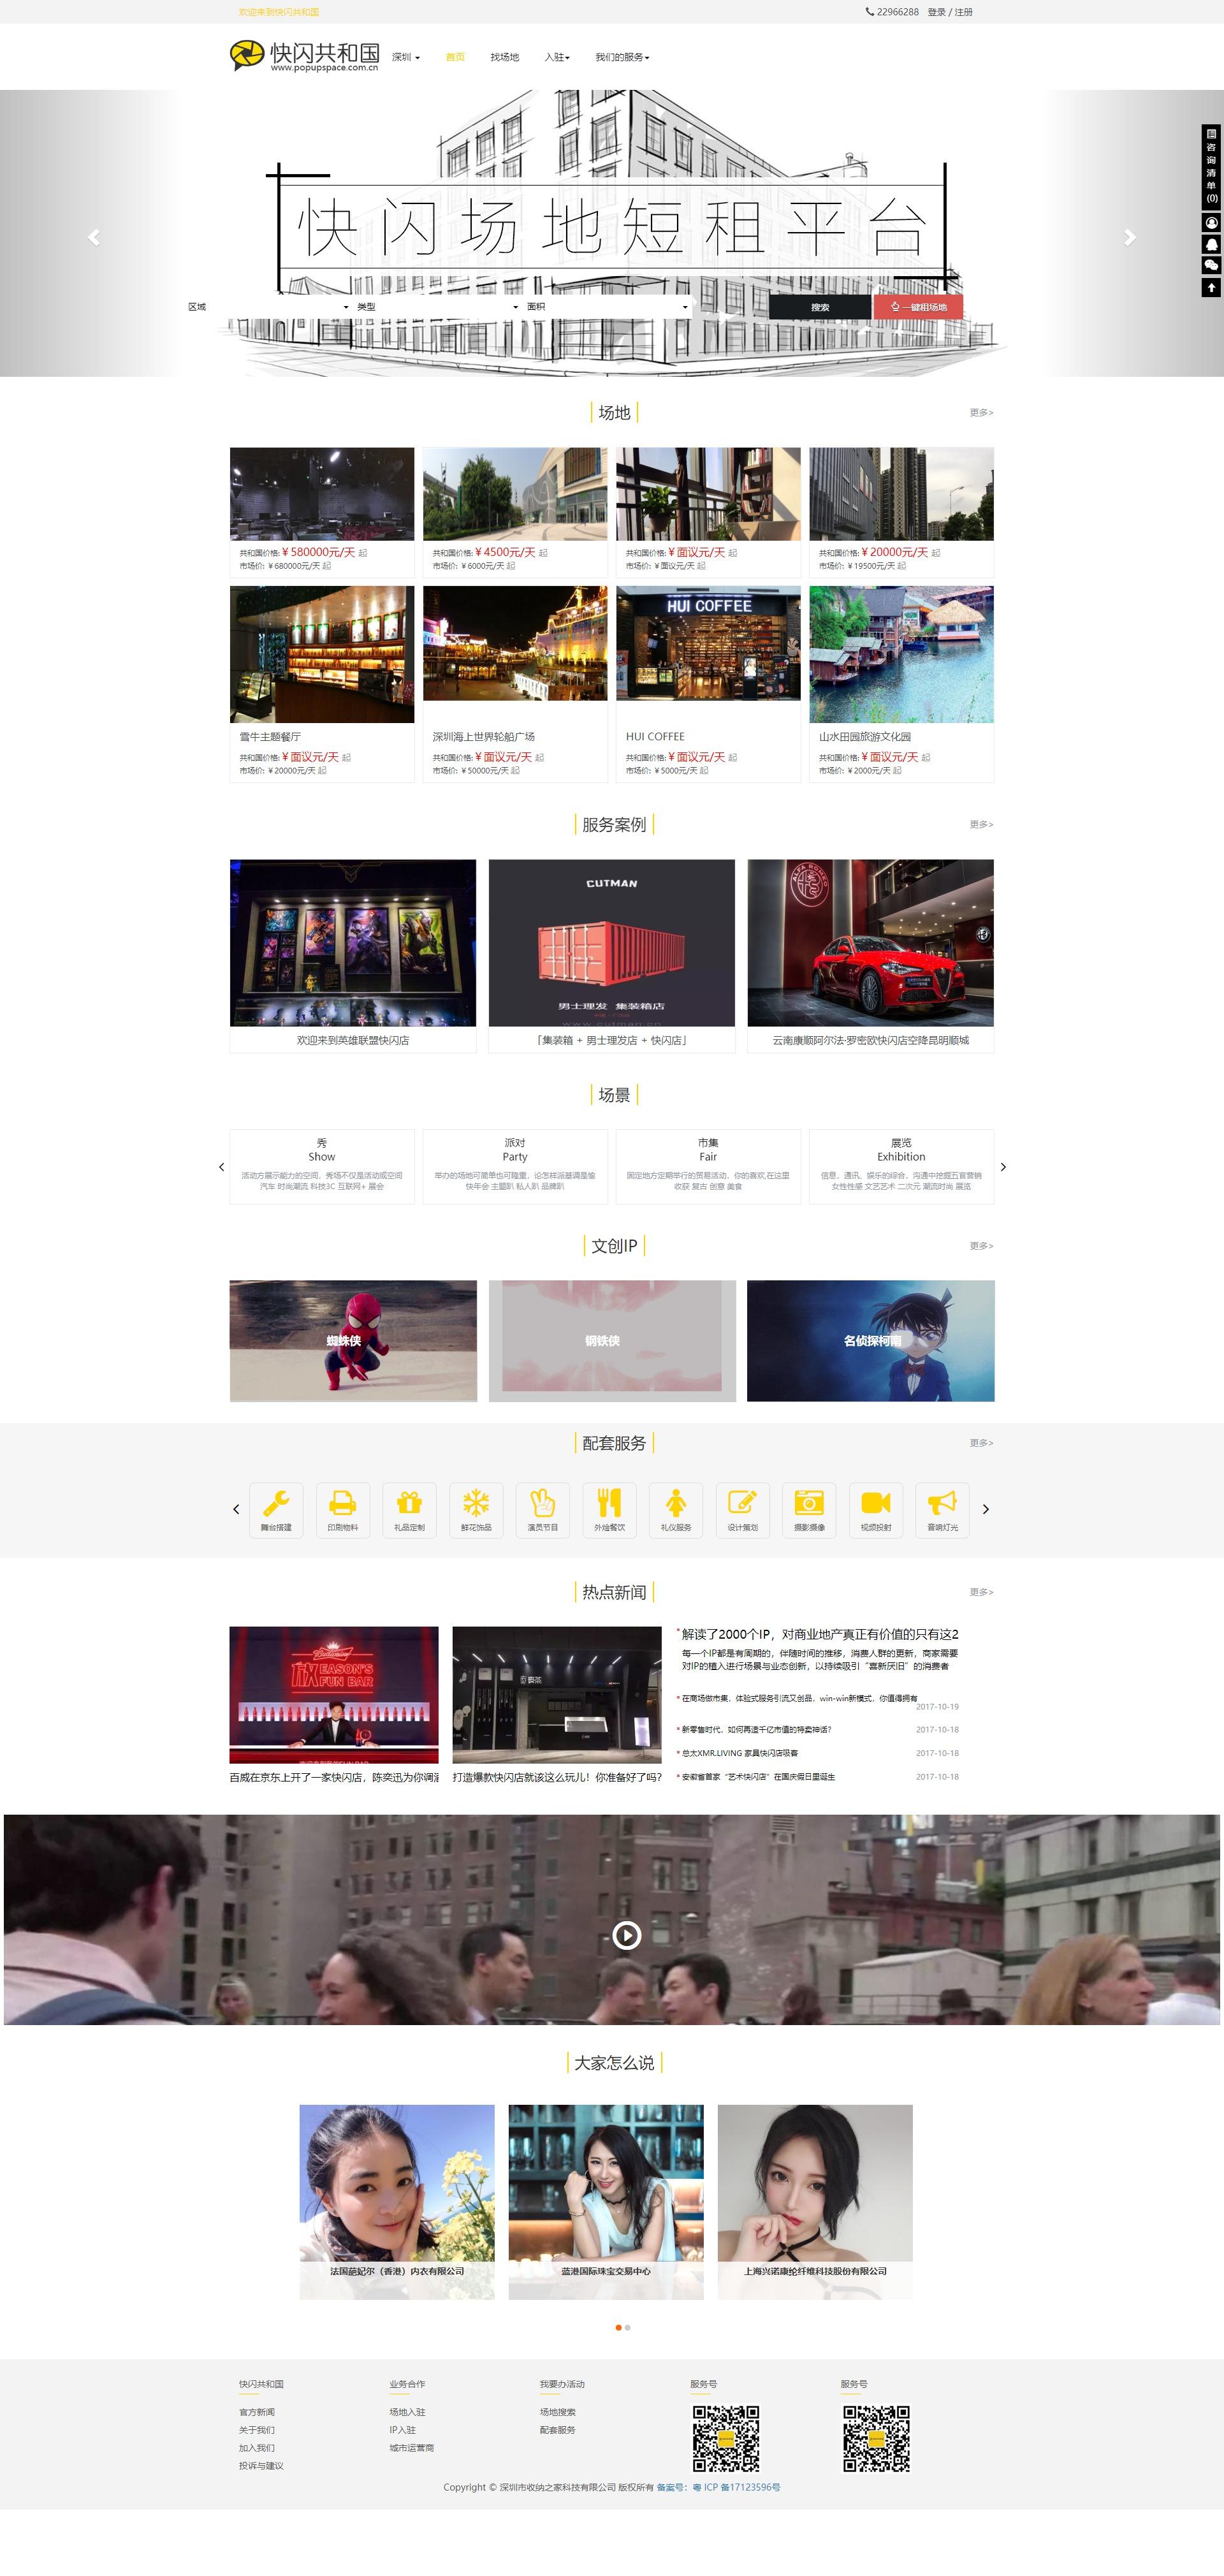 快闪共和国-深圳市收纳之家科技有限公司-网站首页截图